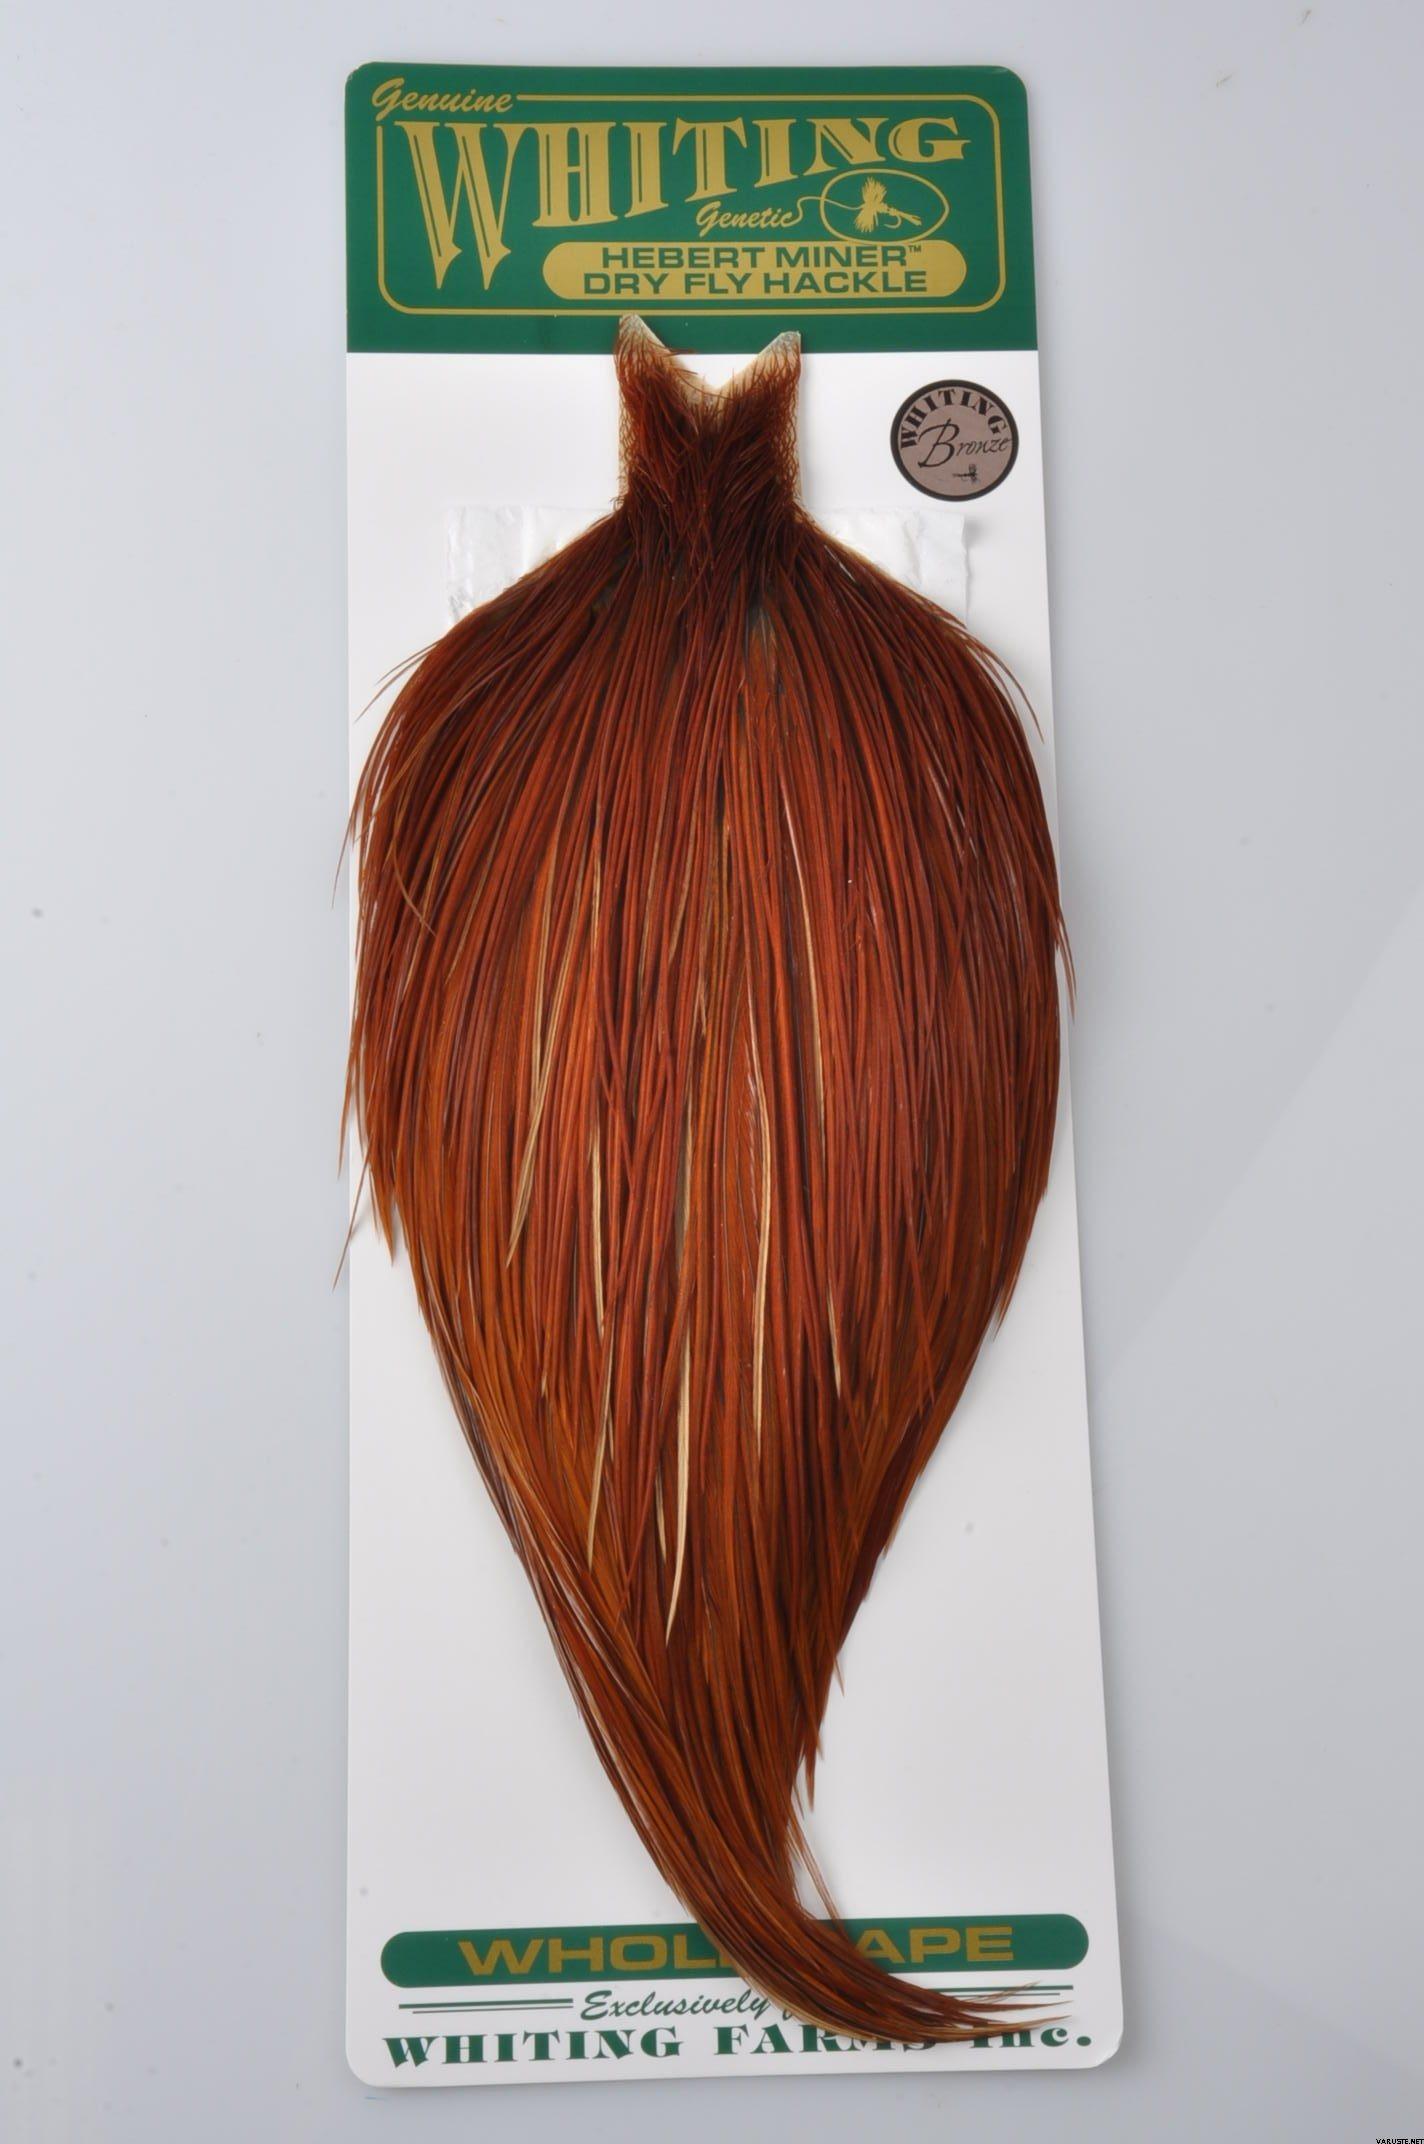 Whiting Hebert-Miner Bronze Cock Cape